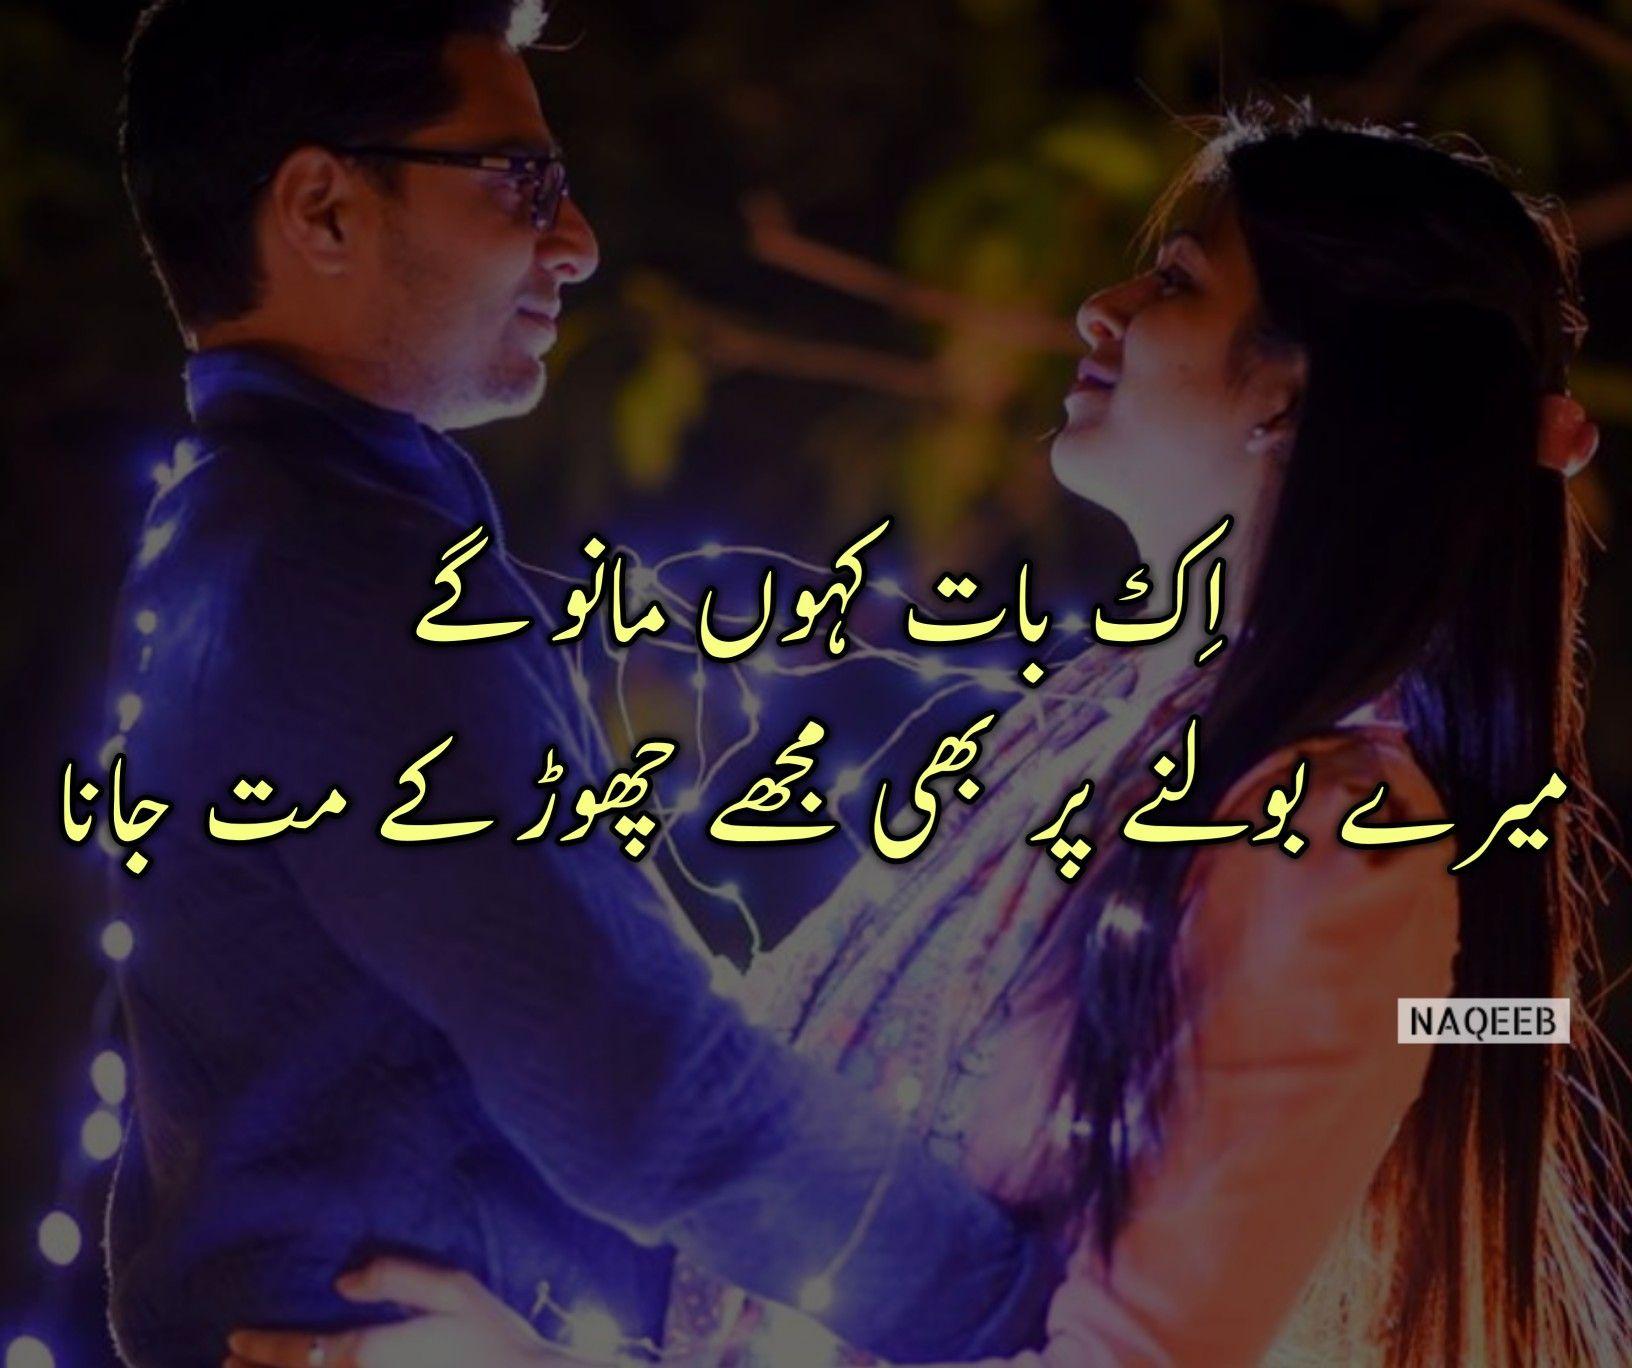 Best Urdu Poetry Images Urdu Poetry Images In Two Lines Urdu Poetry 2018 Hd Images Best Urdu Poetry Images Romantic Poetry My Poetry